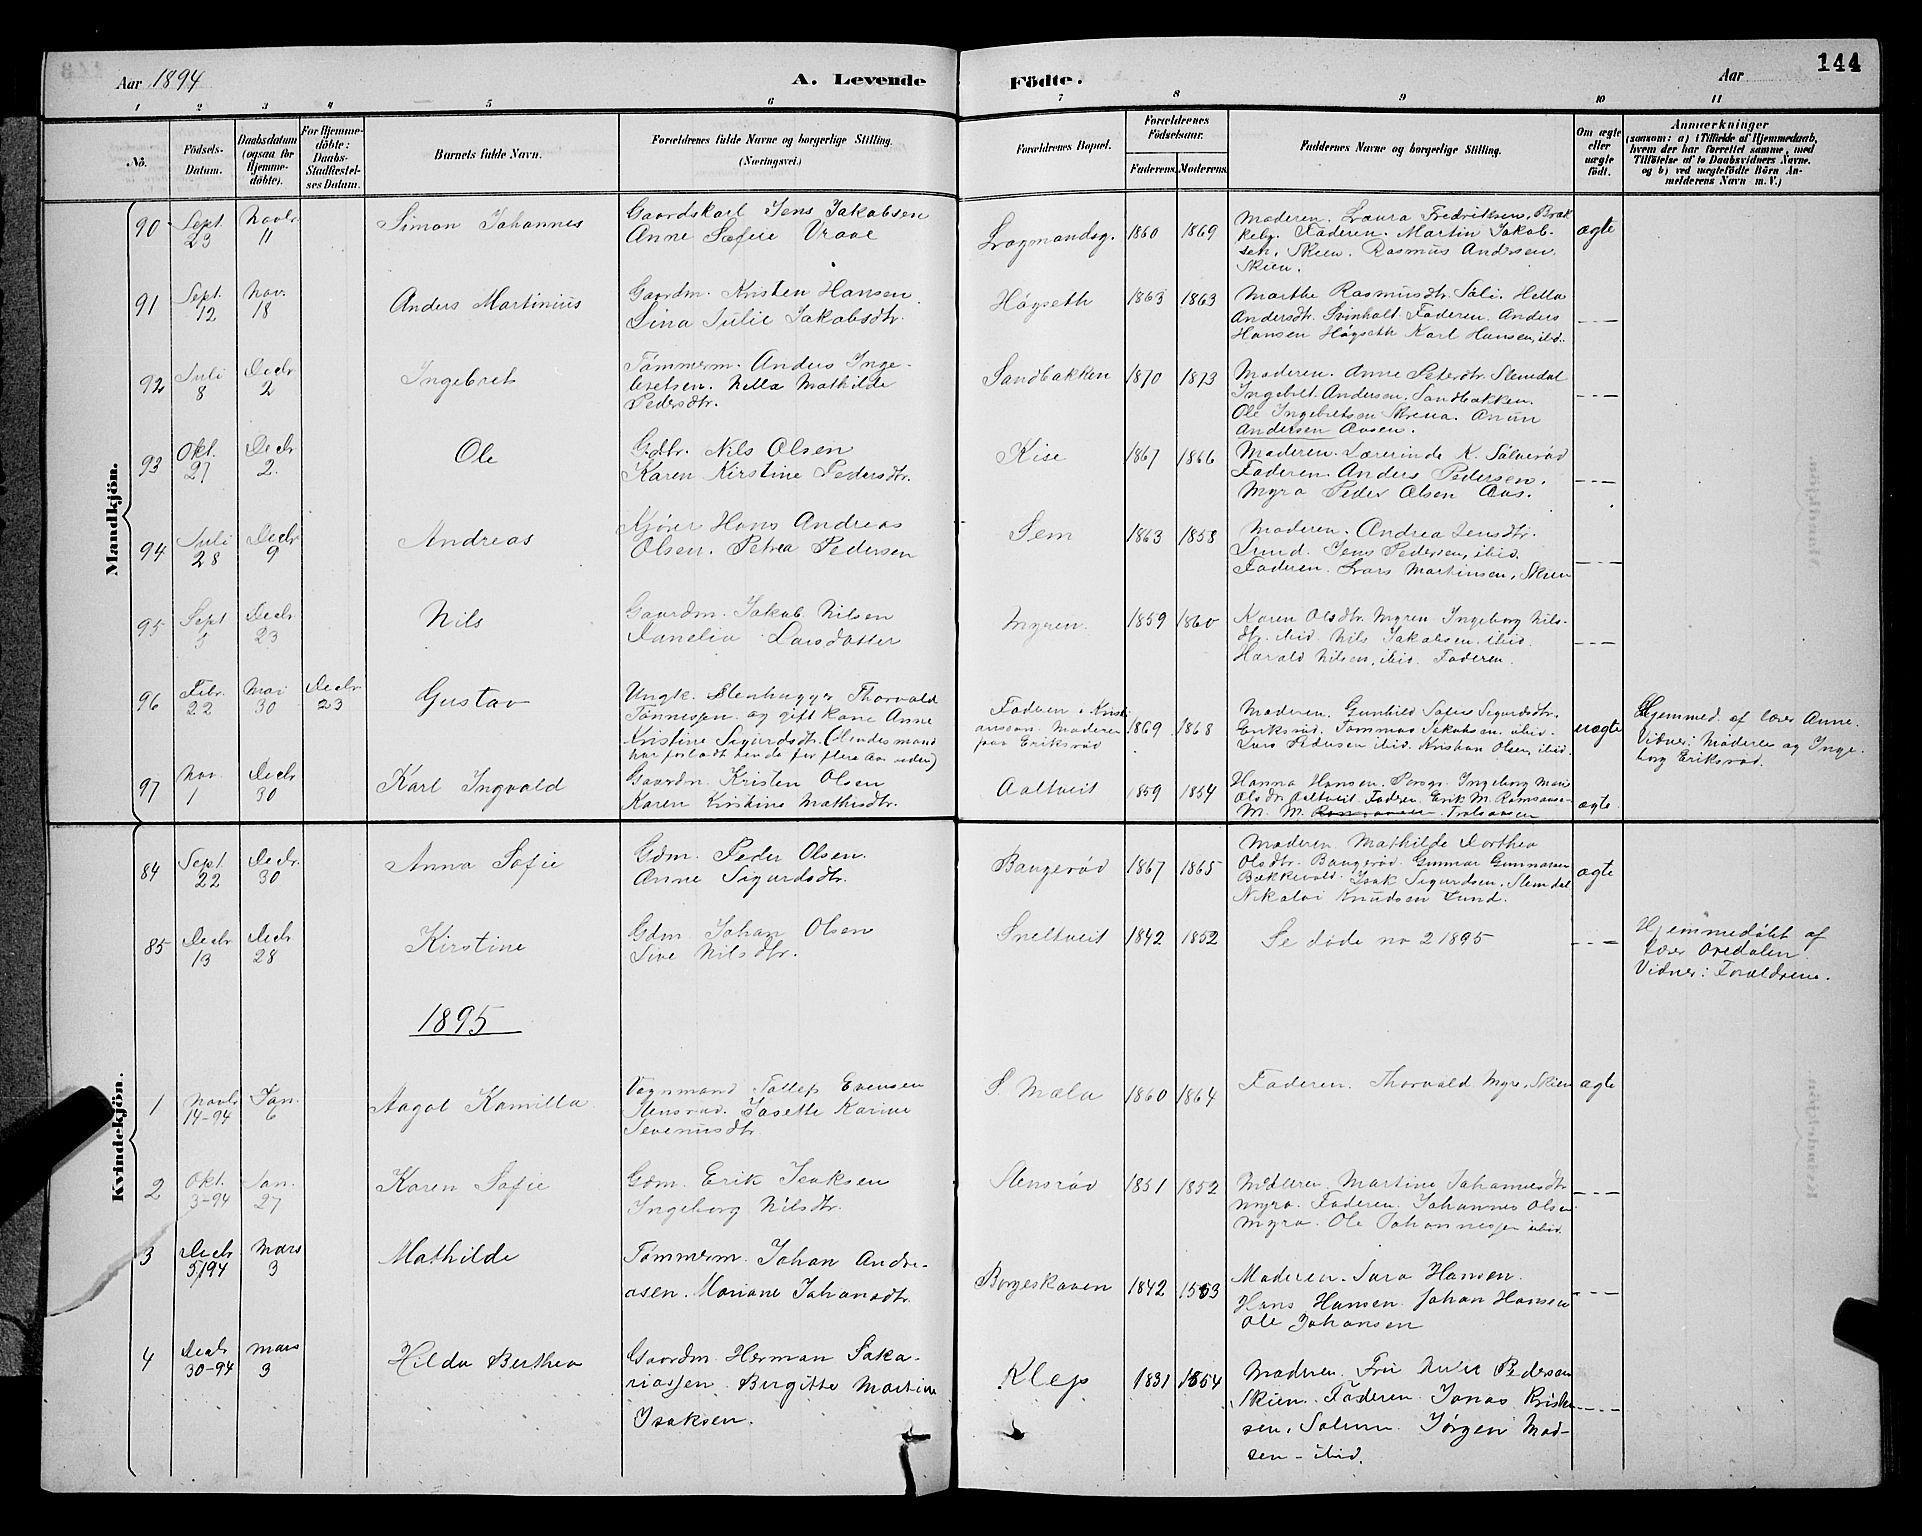 SAKO, Gjerpen kirkebøker, G/Ga/L0002: Klokkerbok nr. I 2, 1883-1900, s. 144